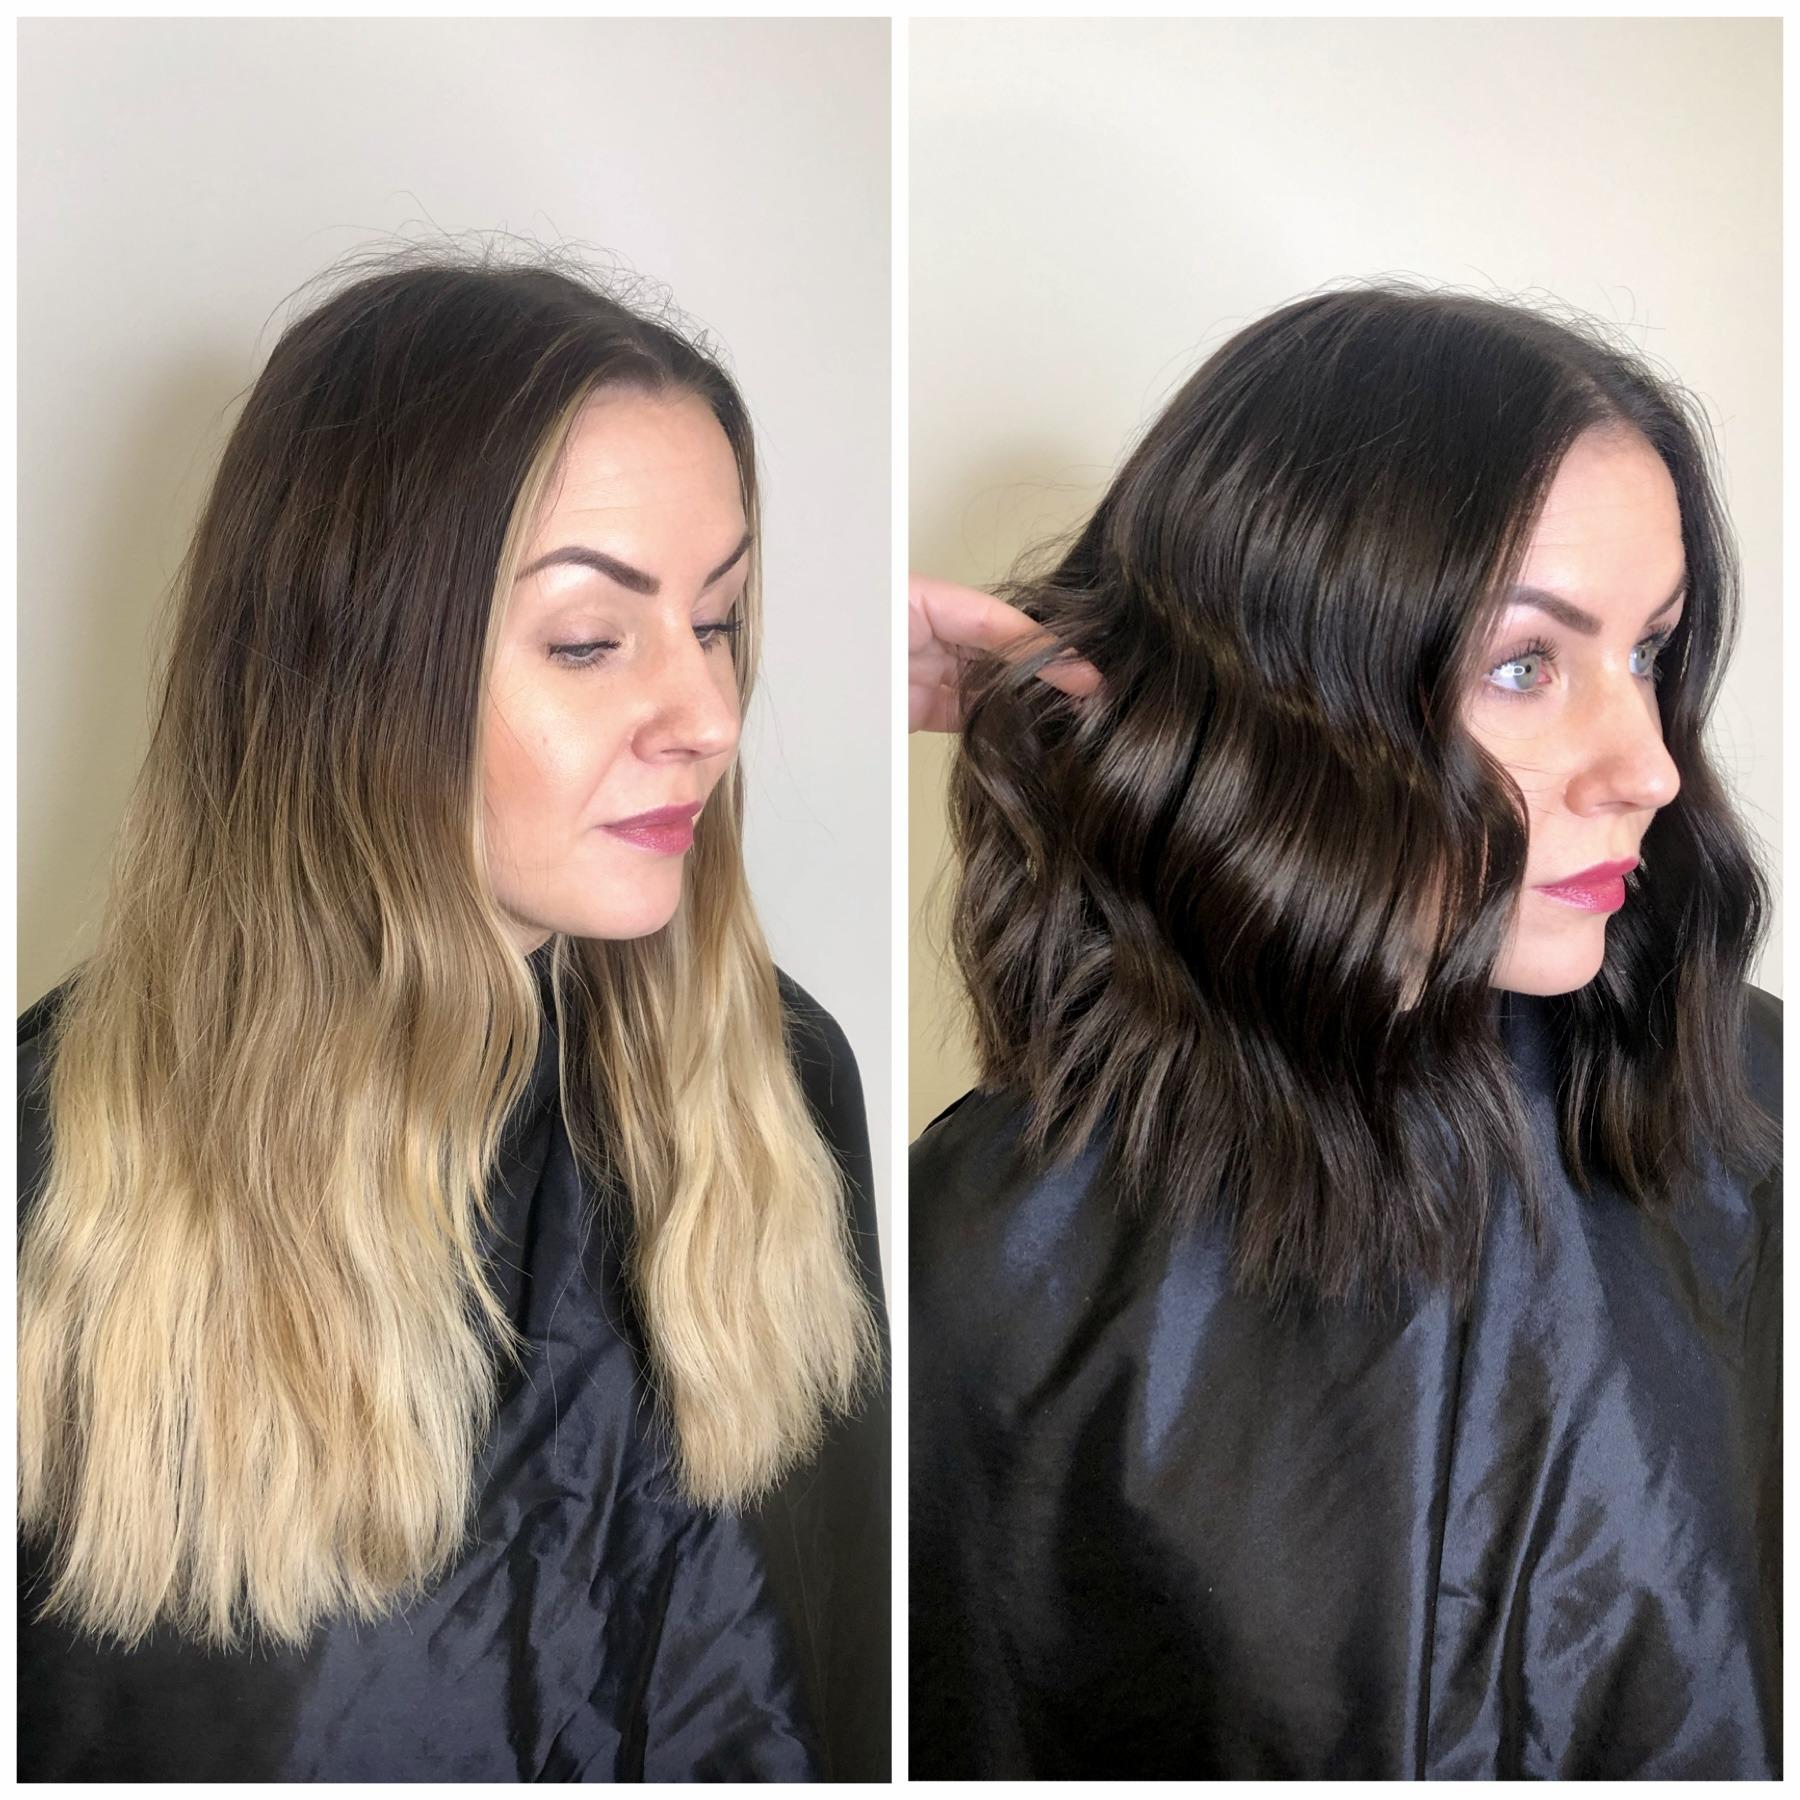 Makeover hair olaplex